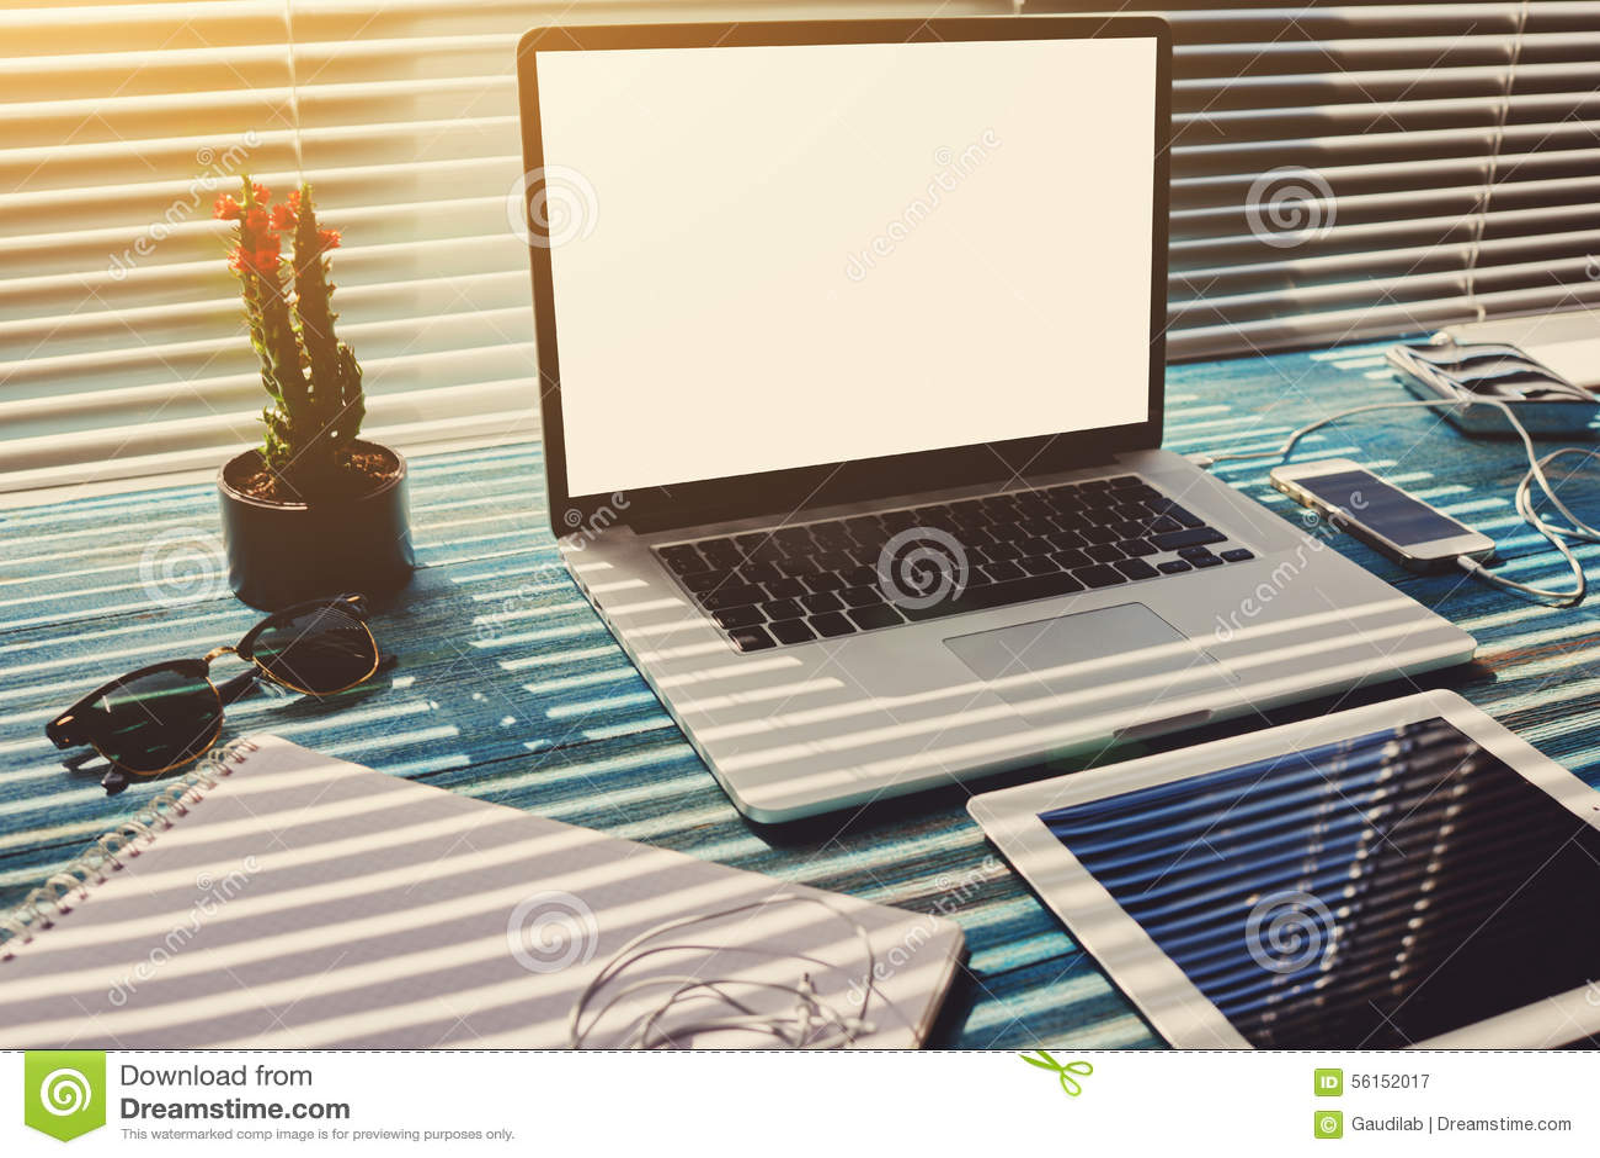 le bureau ind pendant avec des accessoires et la distance fonctionnent des outils photo stock. Black Bedroom Furniture Sets. Home Design Ideas